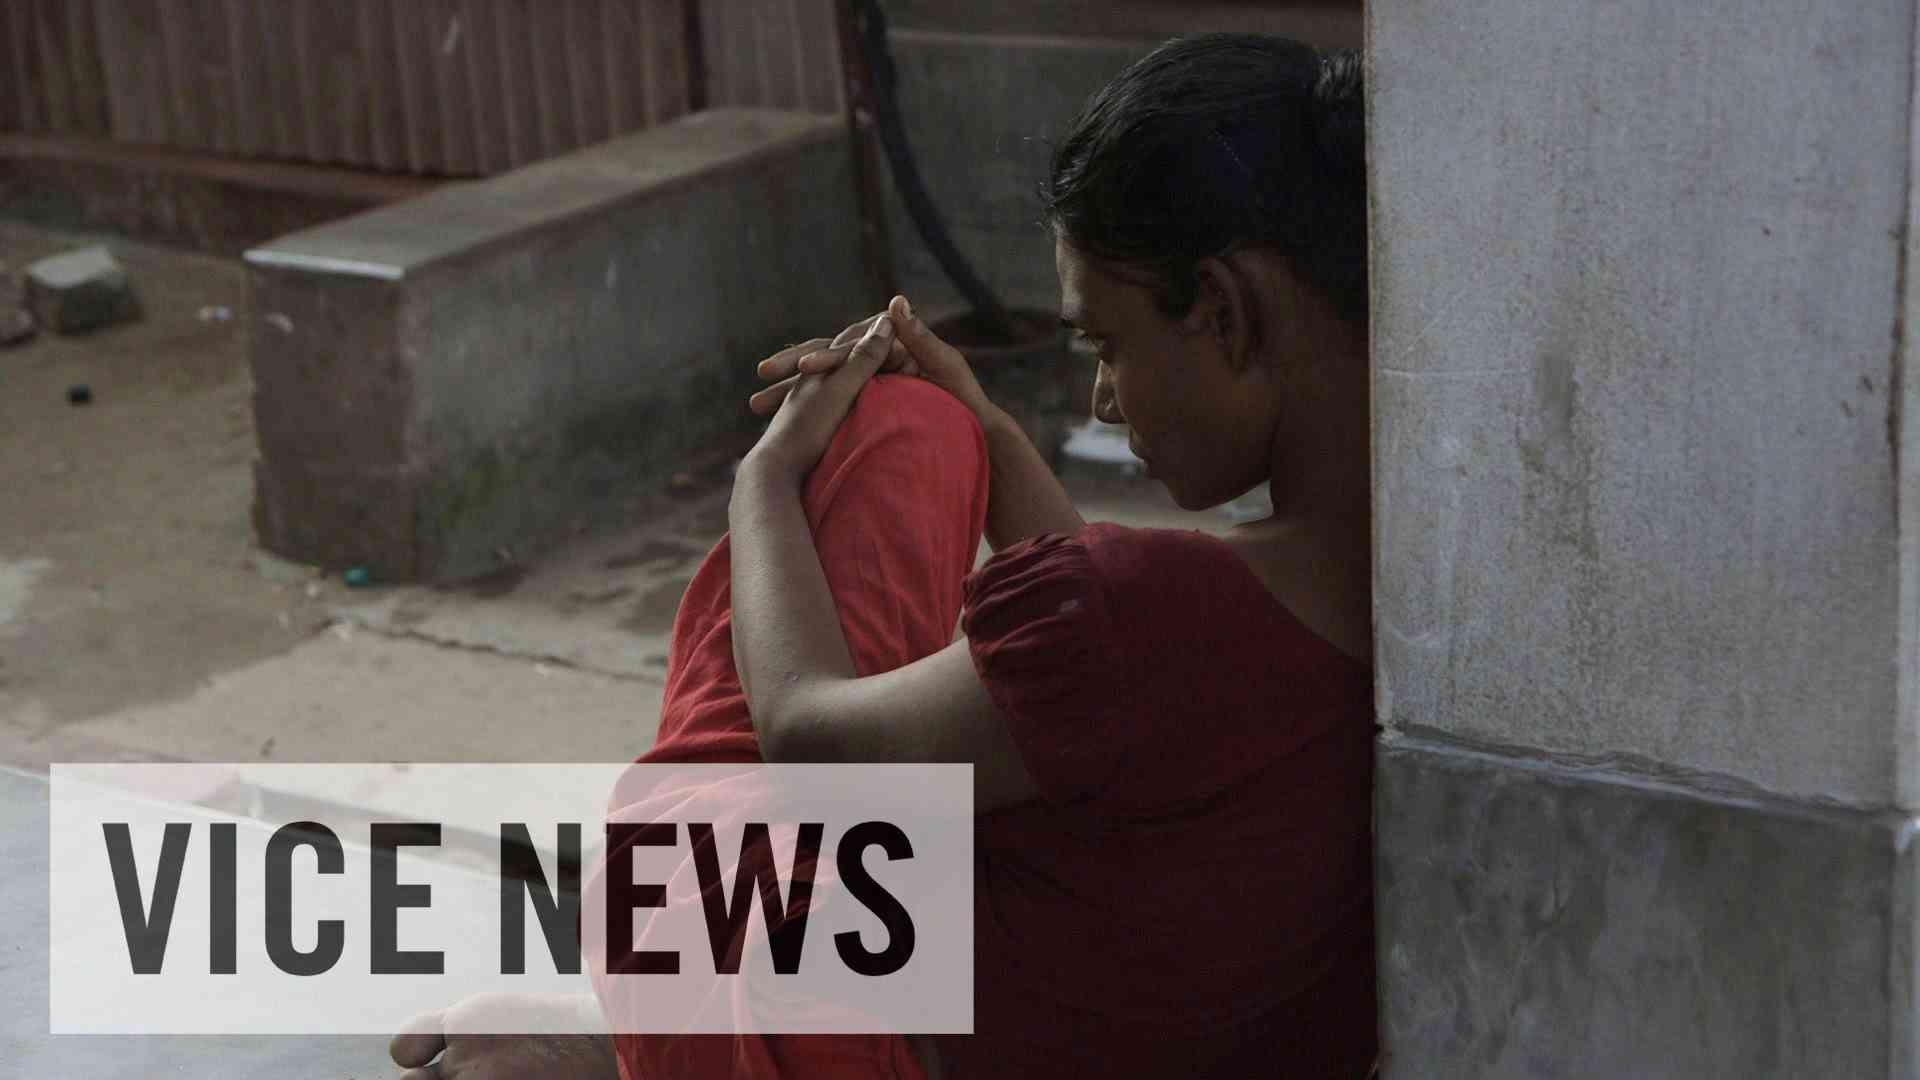 ドラッグ 貧困 売春窟 バングラデシュの女性が直面する過酷な現実 - YouTube